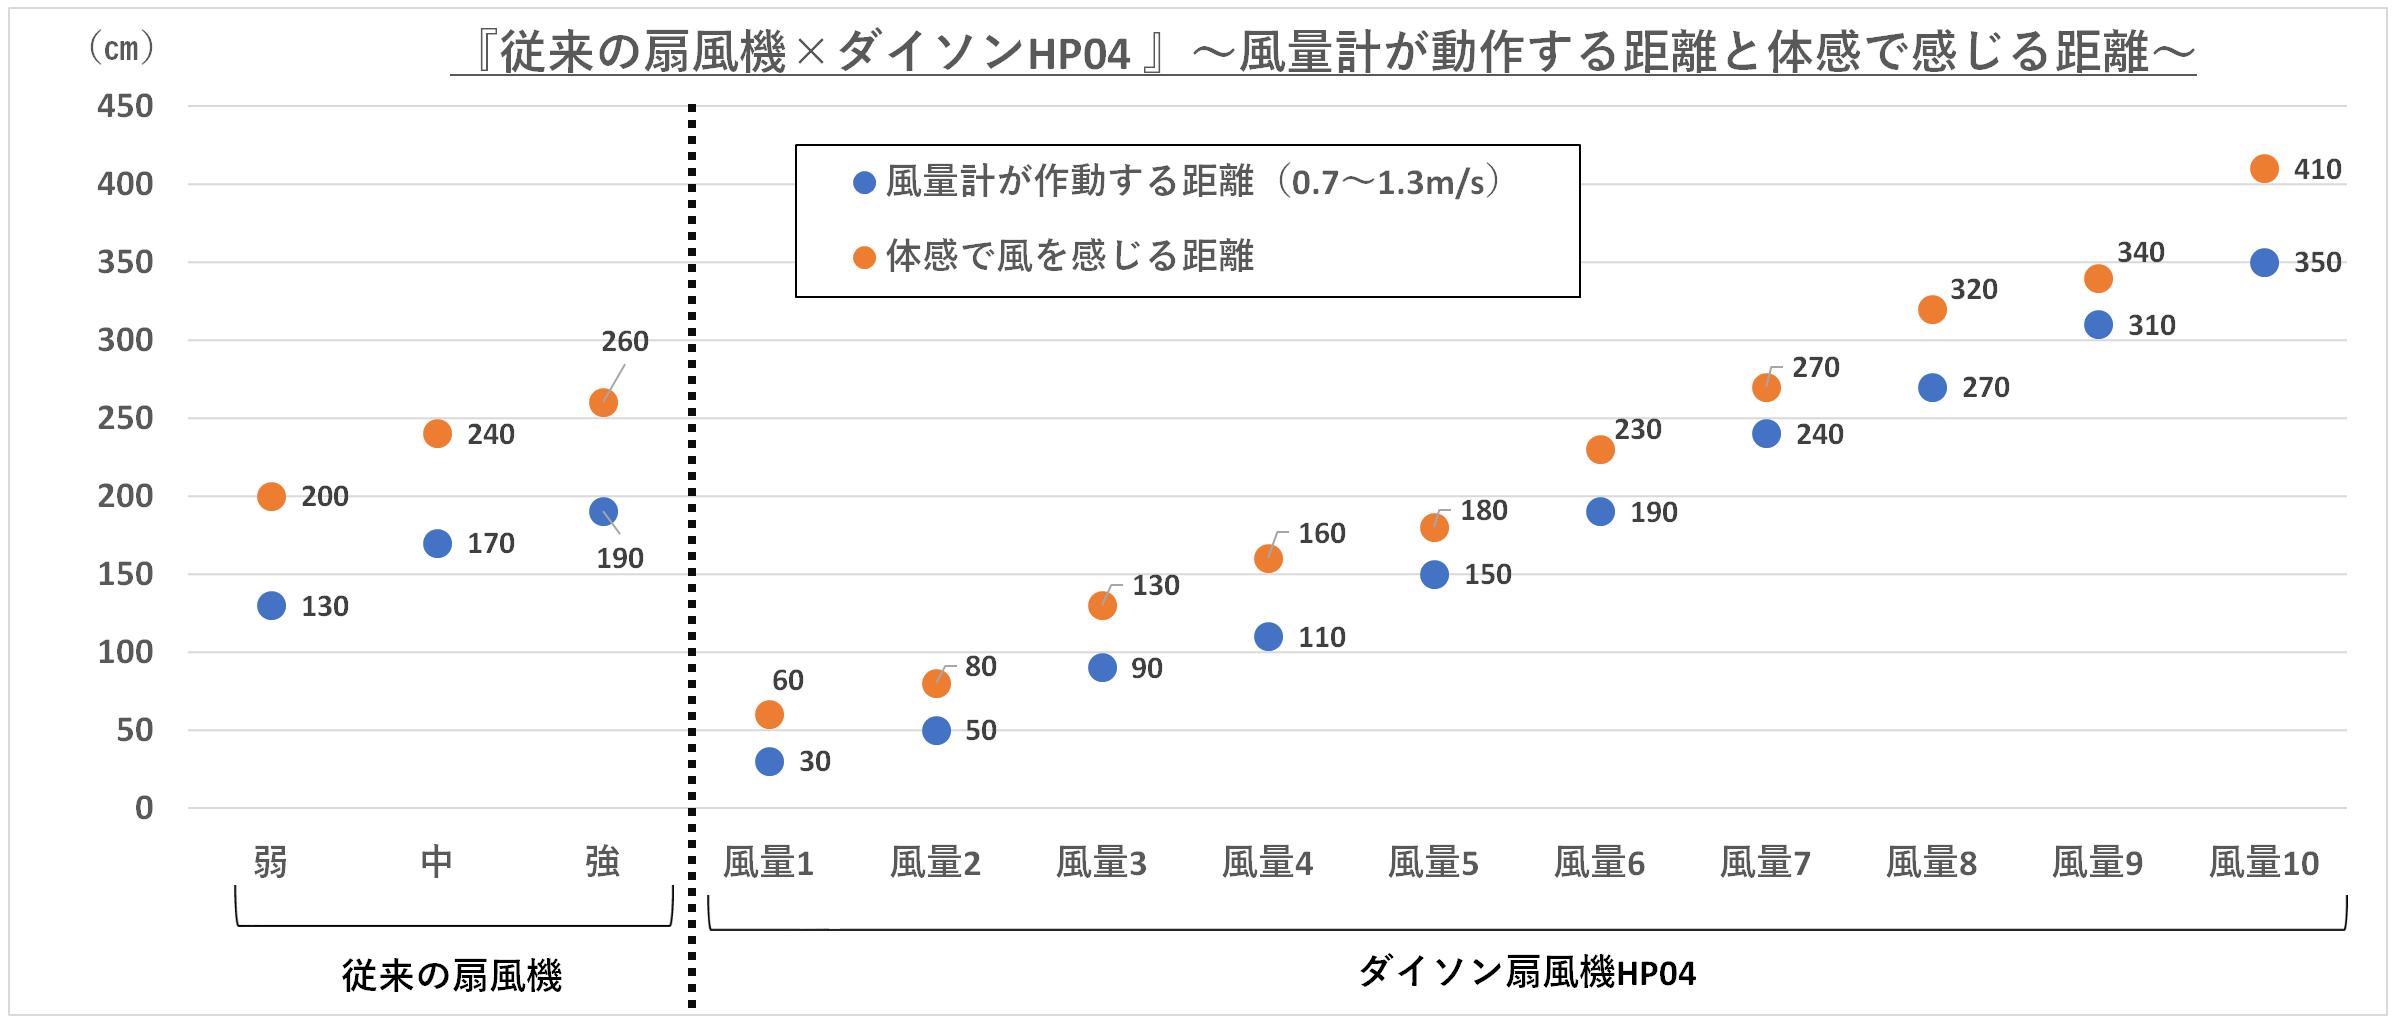 『従来の扇風機×ダイソンHP04 』の風量計が動作する距離と体感で感じる距離の比較グラフ